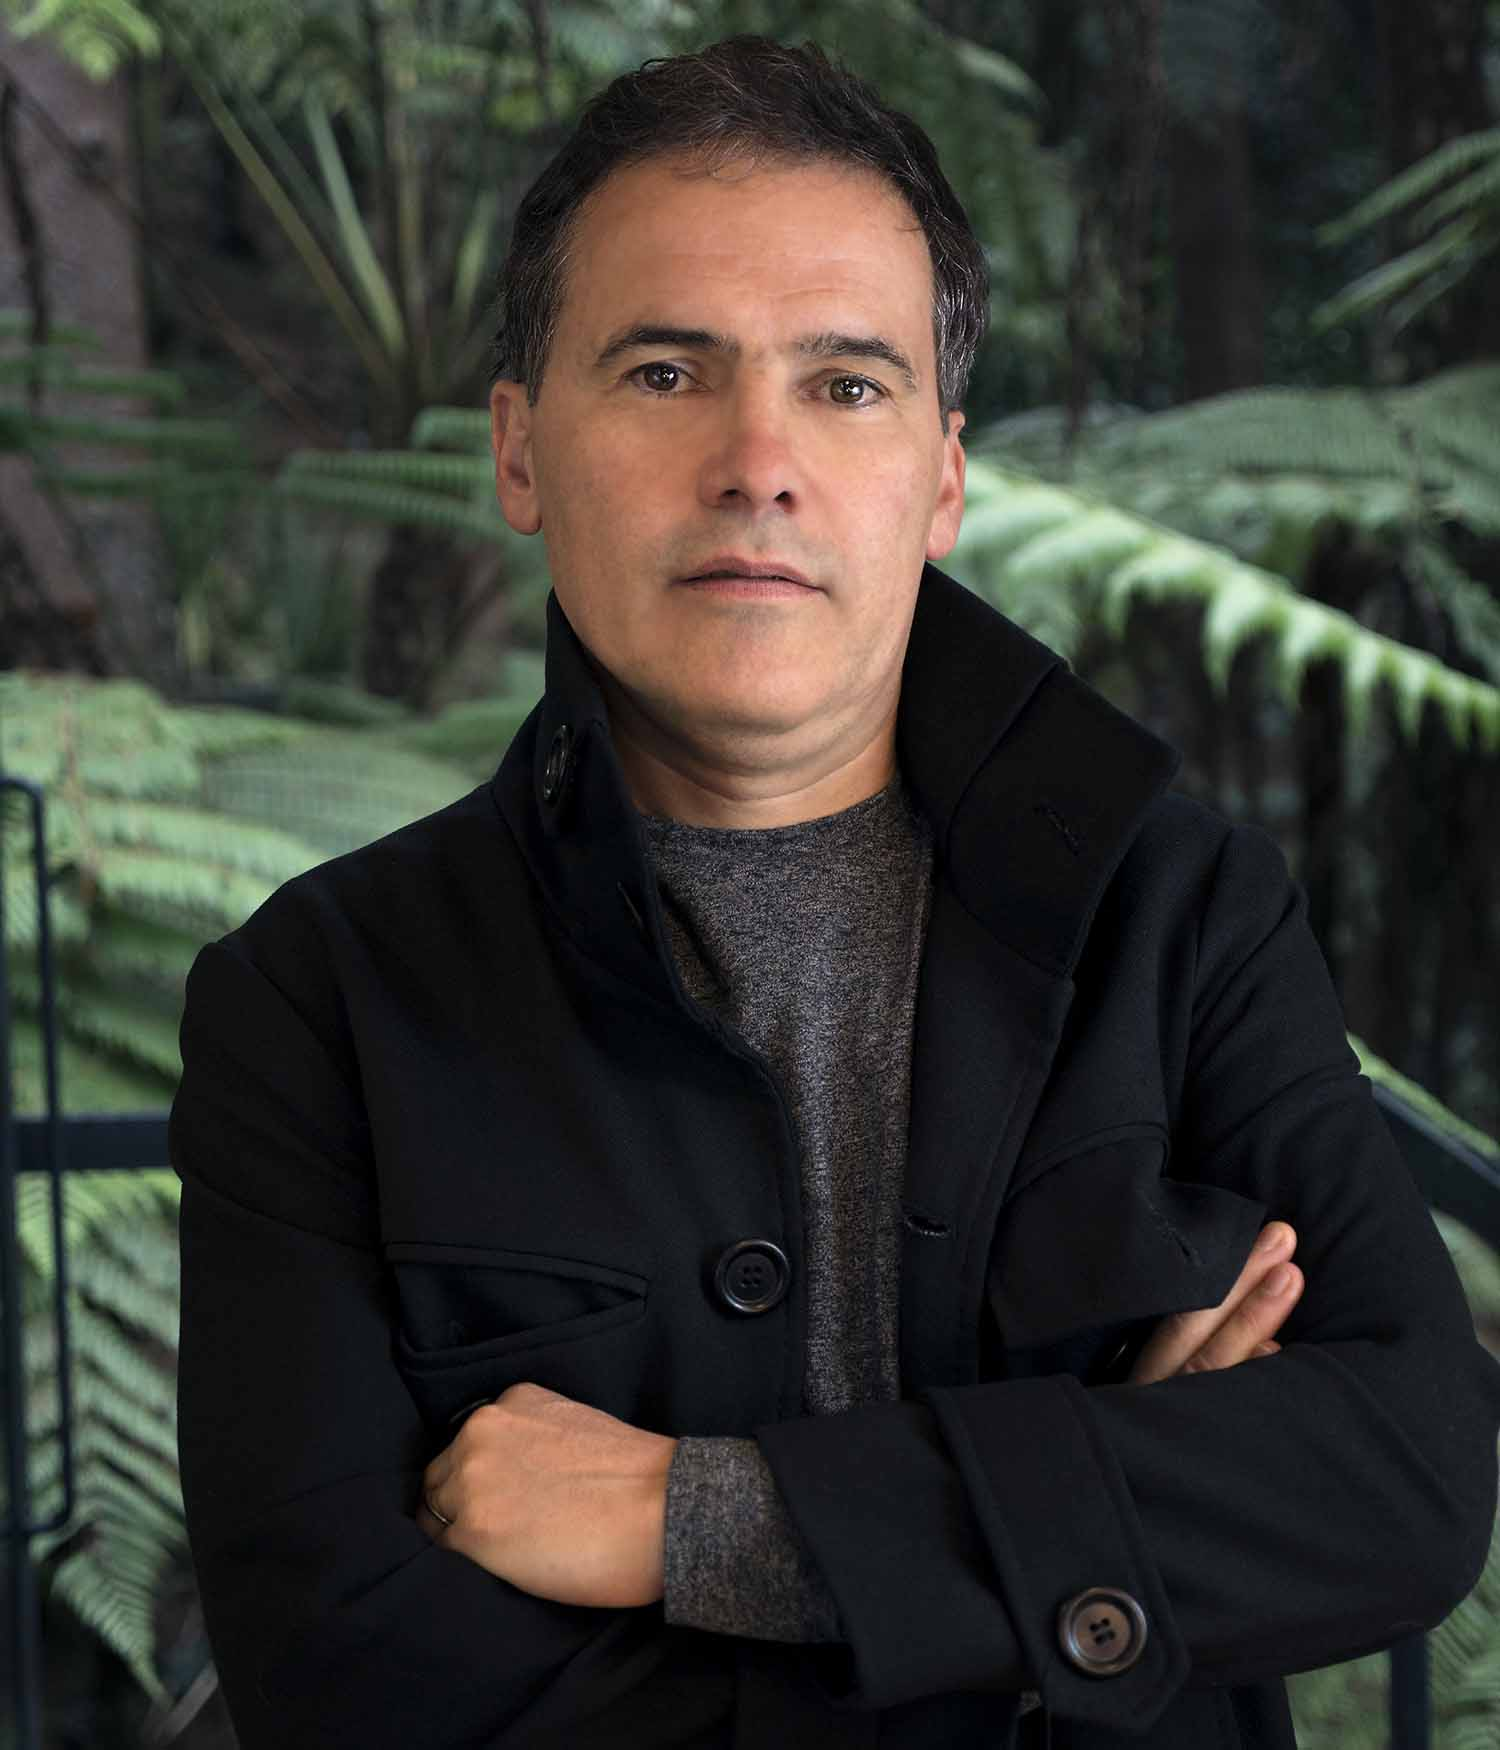 Arquitecto Felipe Uribe de Bedout, autor del libro Anfitrión. Fotografía: Juliana Gómez García, cortesía.